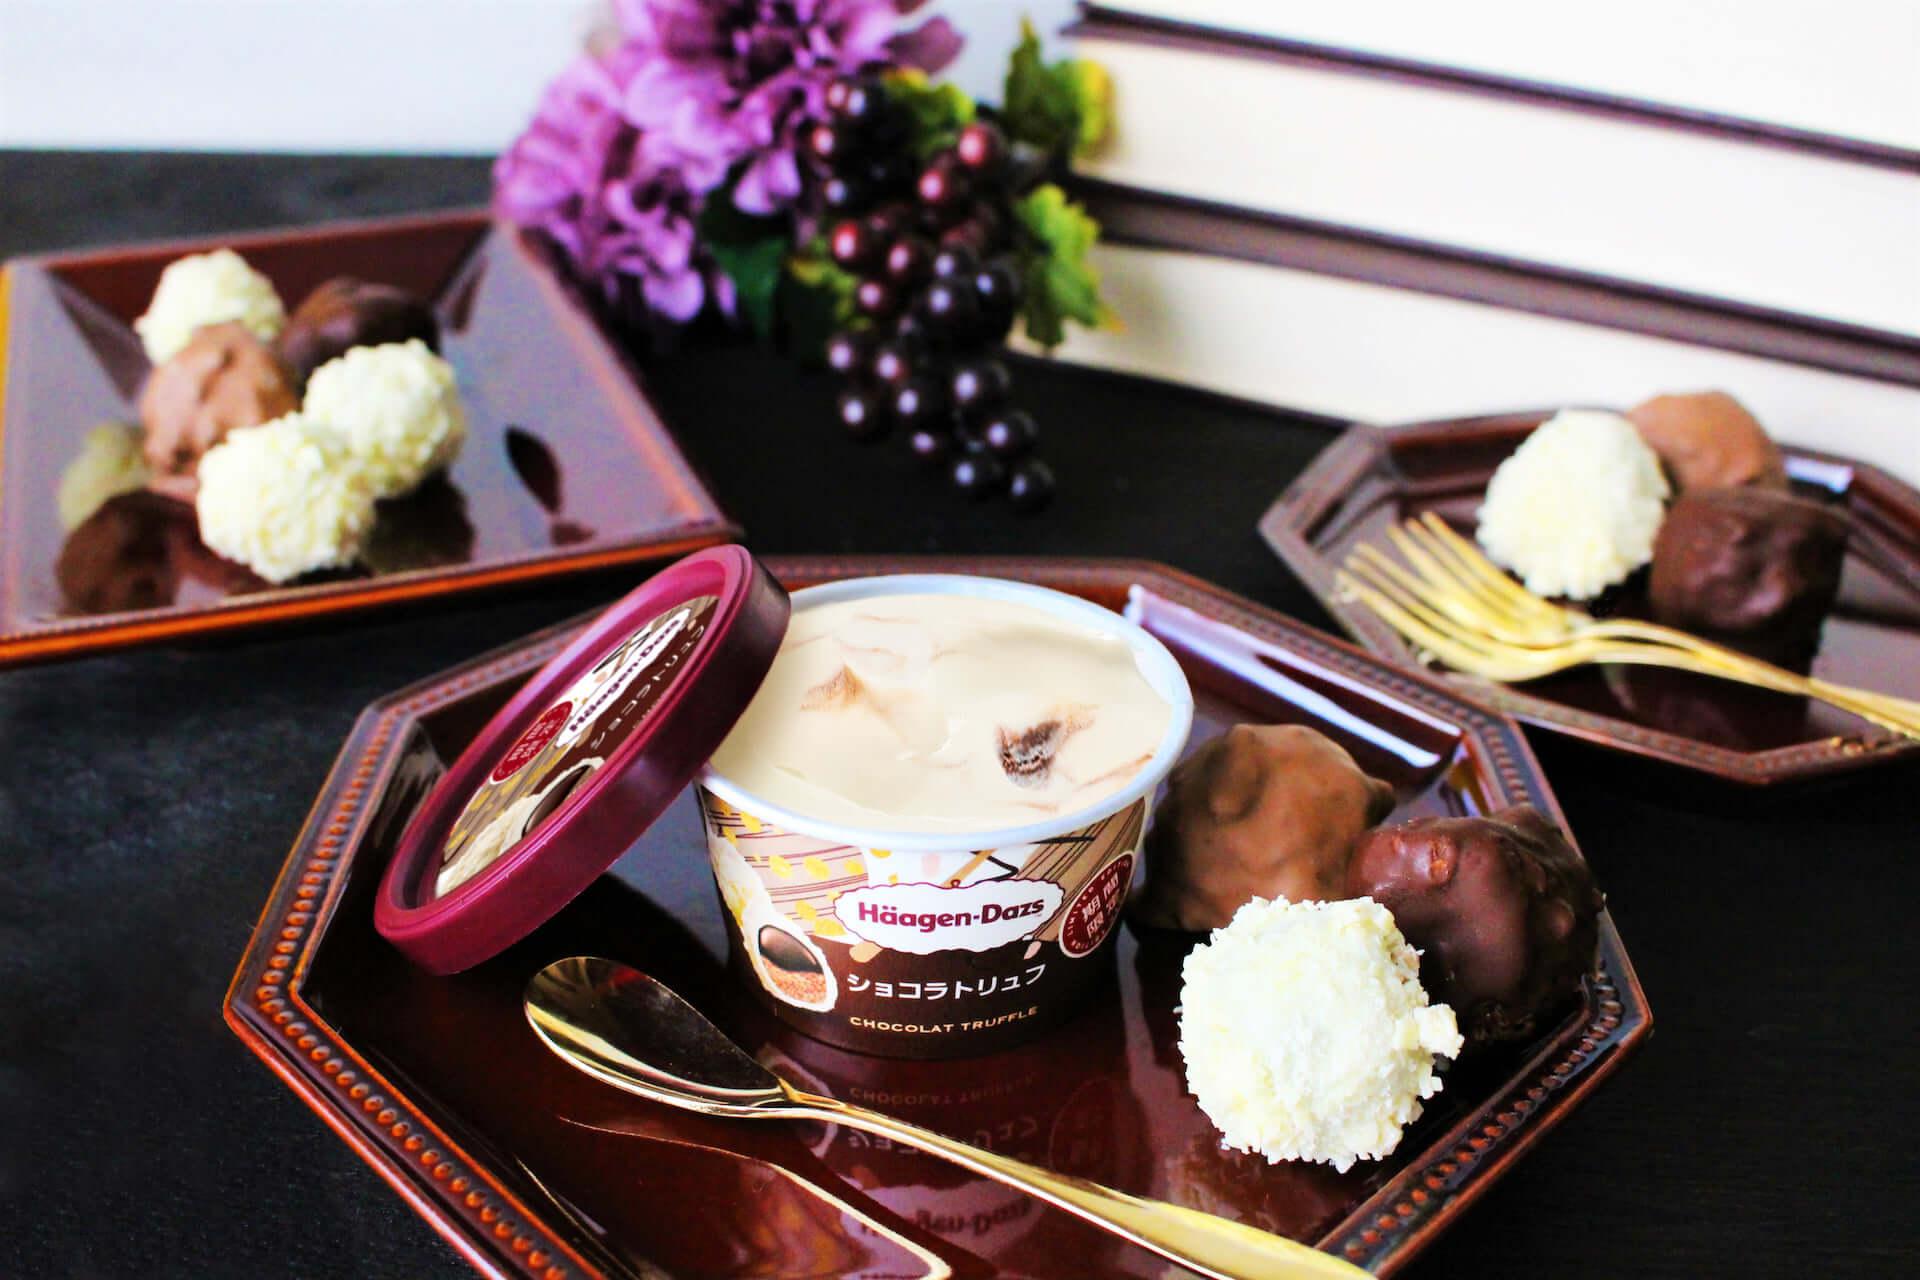 ハーゲンダッツから3種のチョコレートを使用したミニカップ『ショコラトリュフ』が登場!アイスクリーム詰め合わせが当たるキャンペーンも実施 gourmet201116_haagen-dazs_4-1920x1280